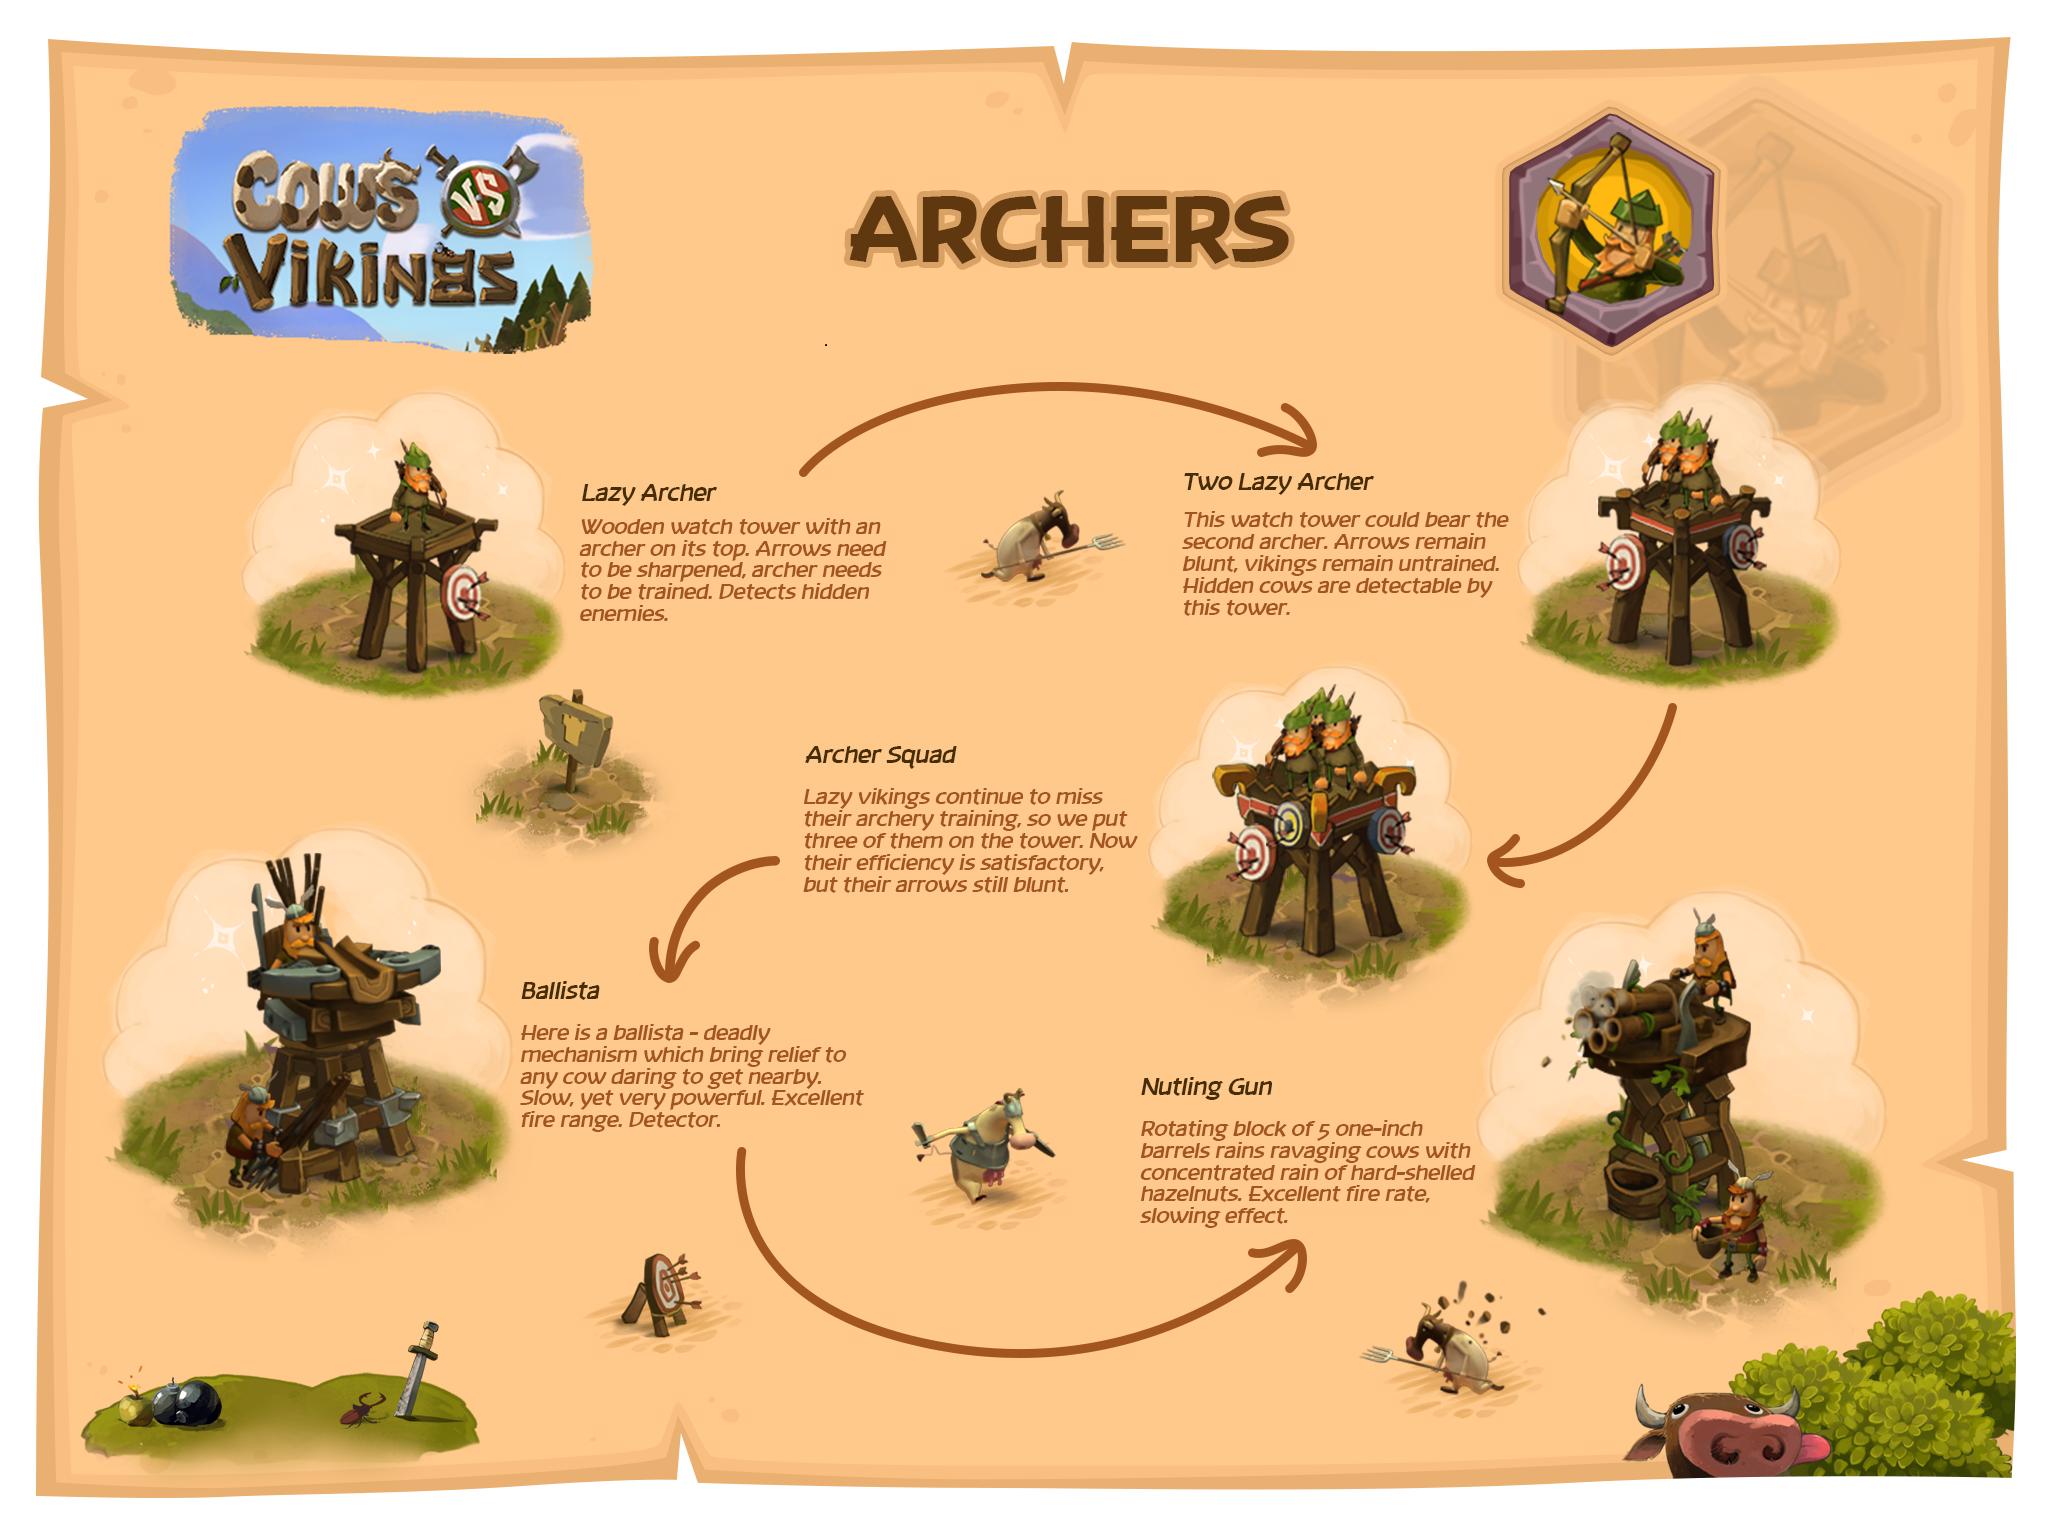 Archer evolution